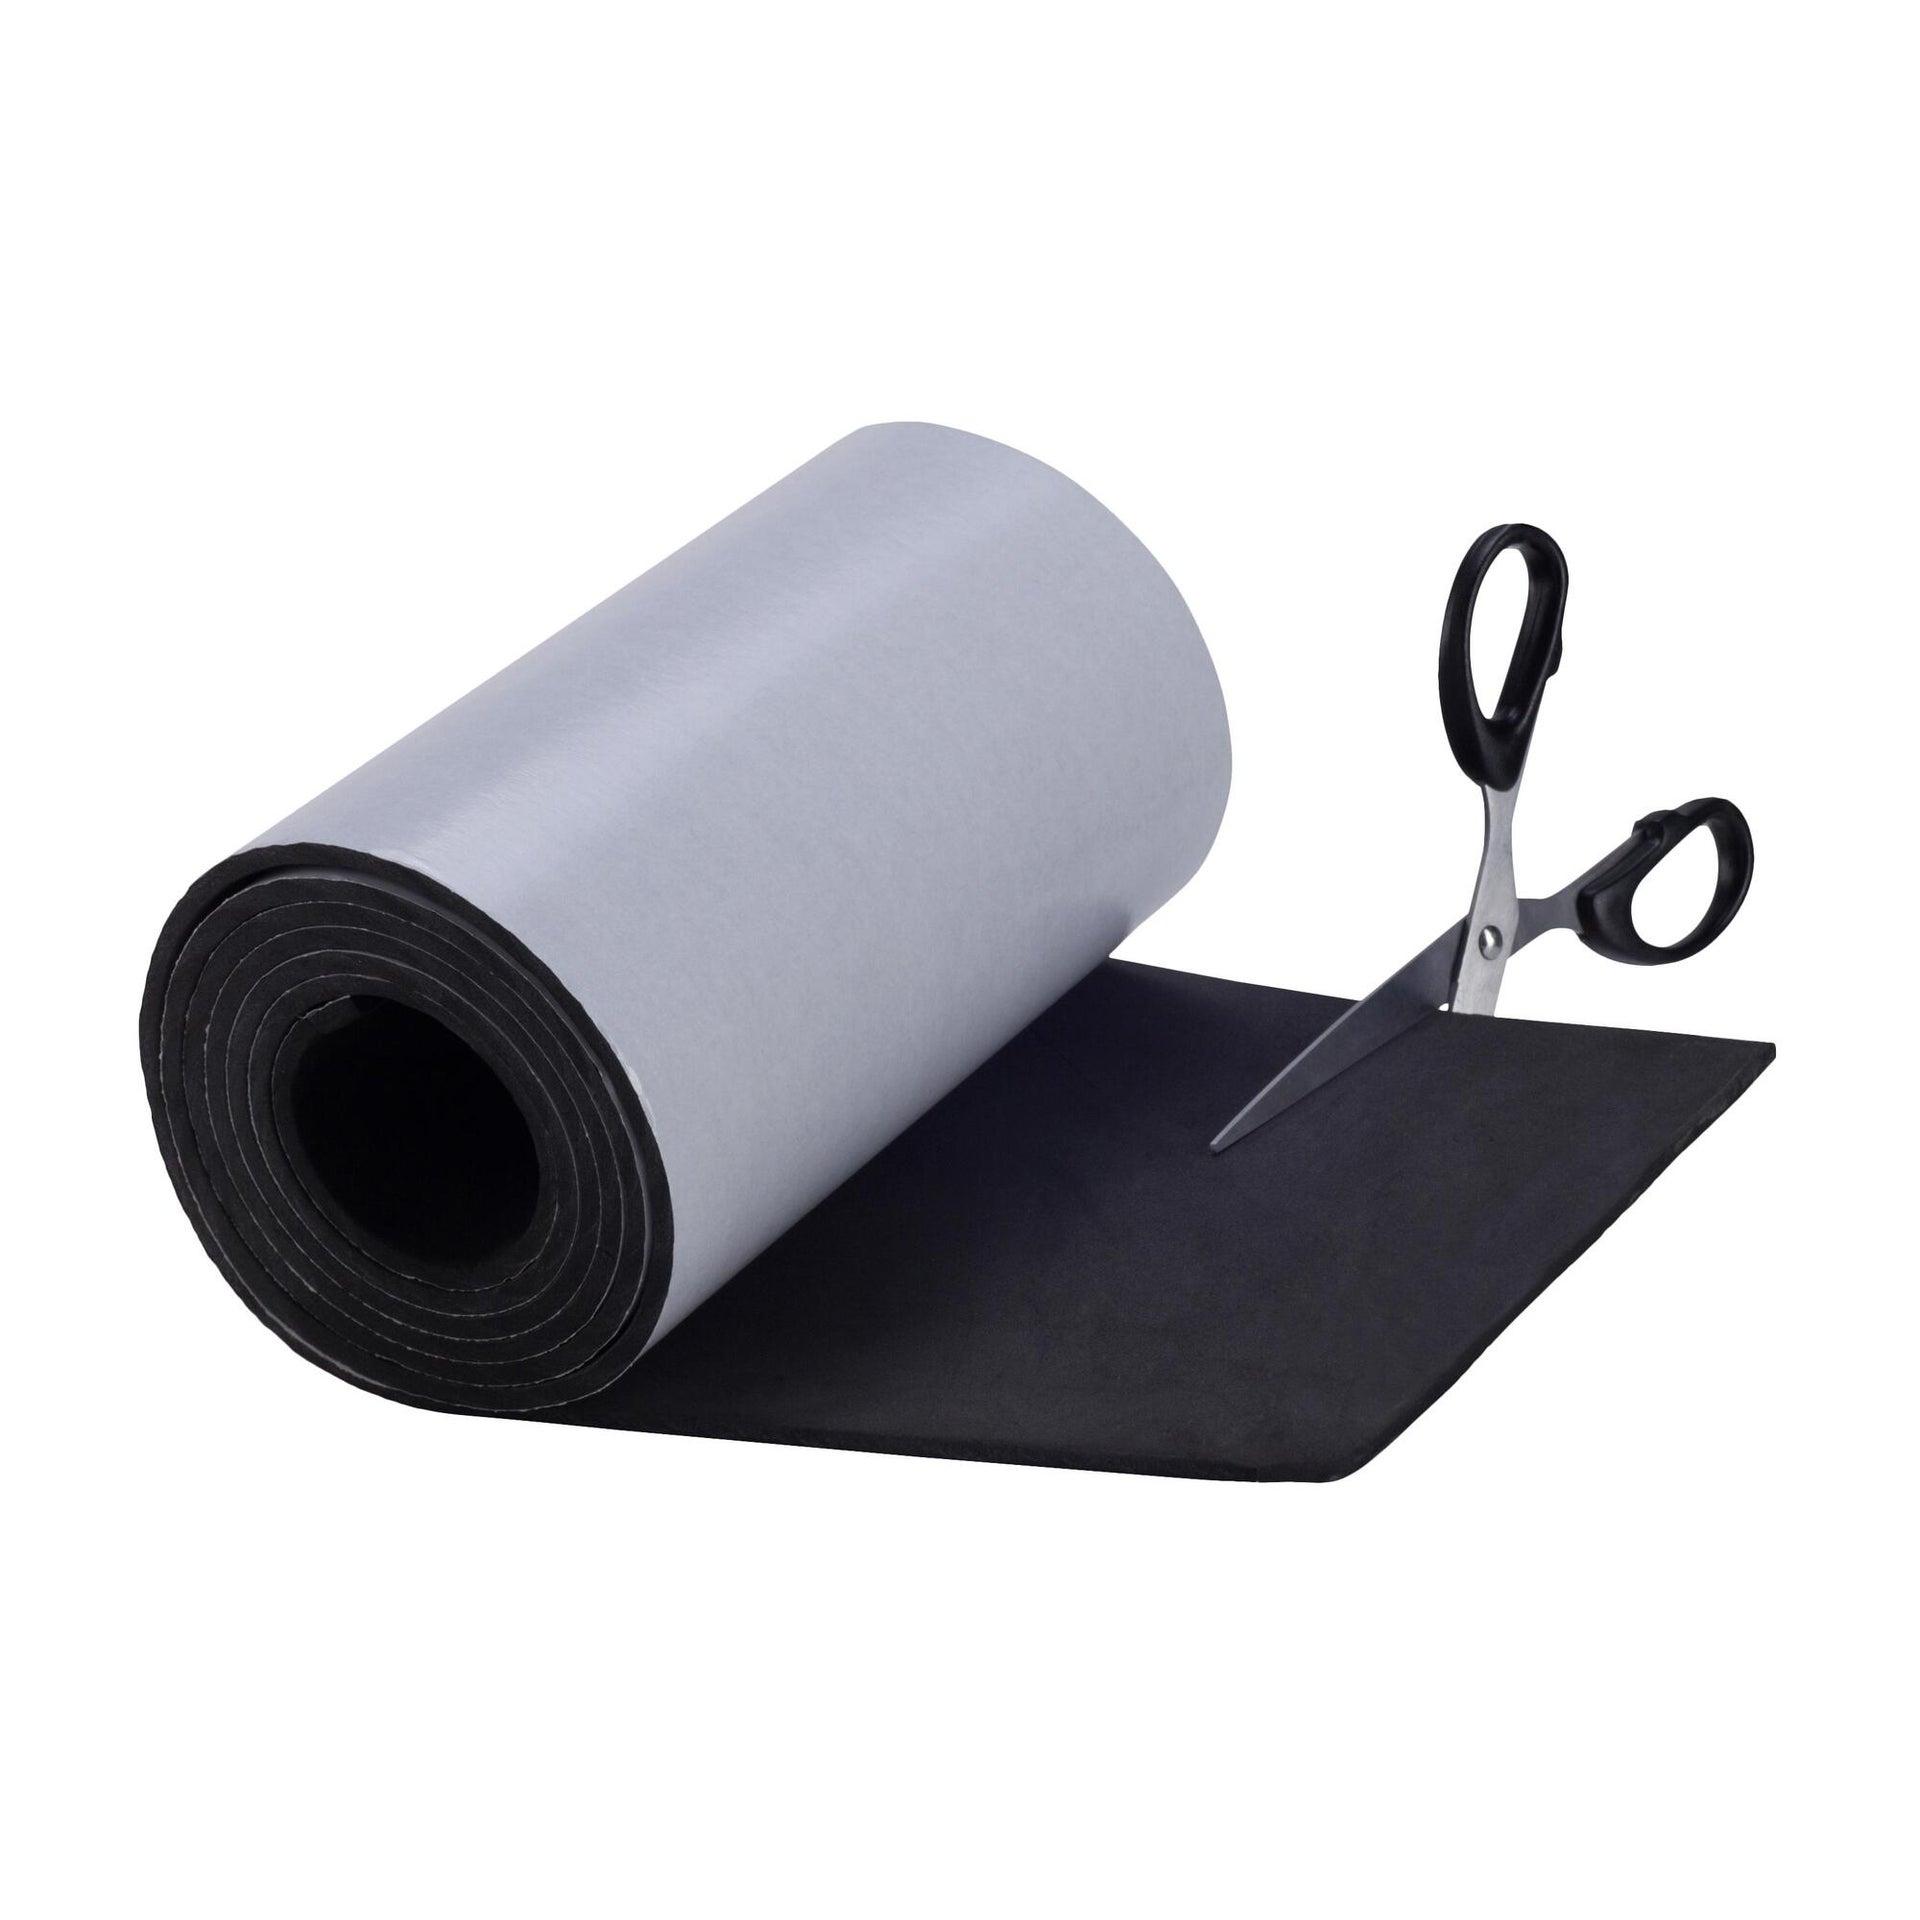 Protezione per garage in polietilene L 200 x H 200 cm nero - 10